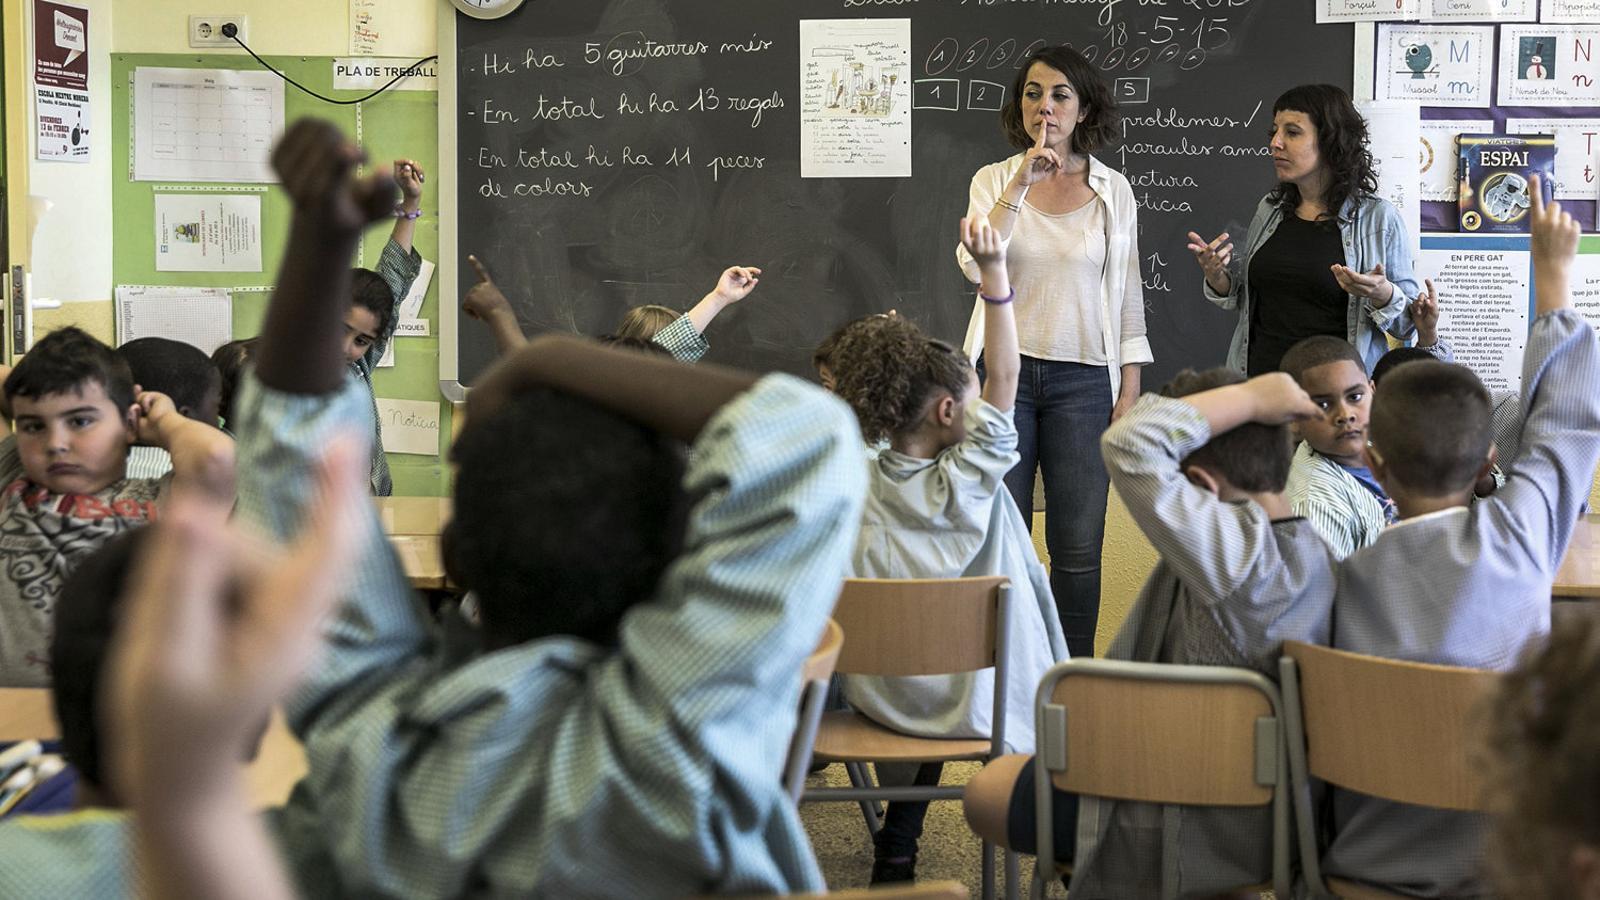 Transformar  l'educació és possible  Reimaginant  l'educació